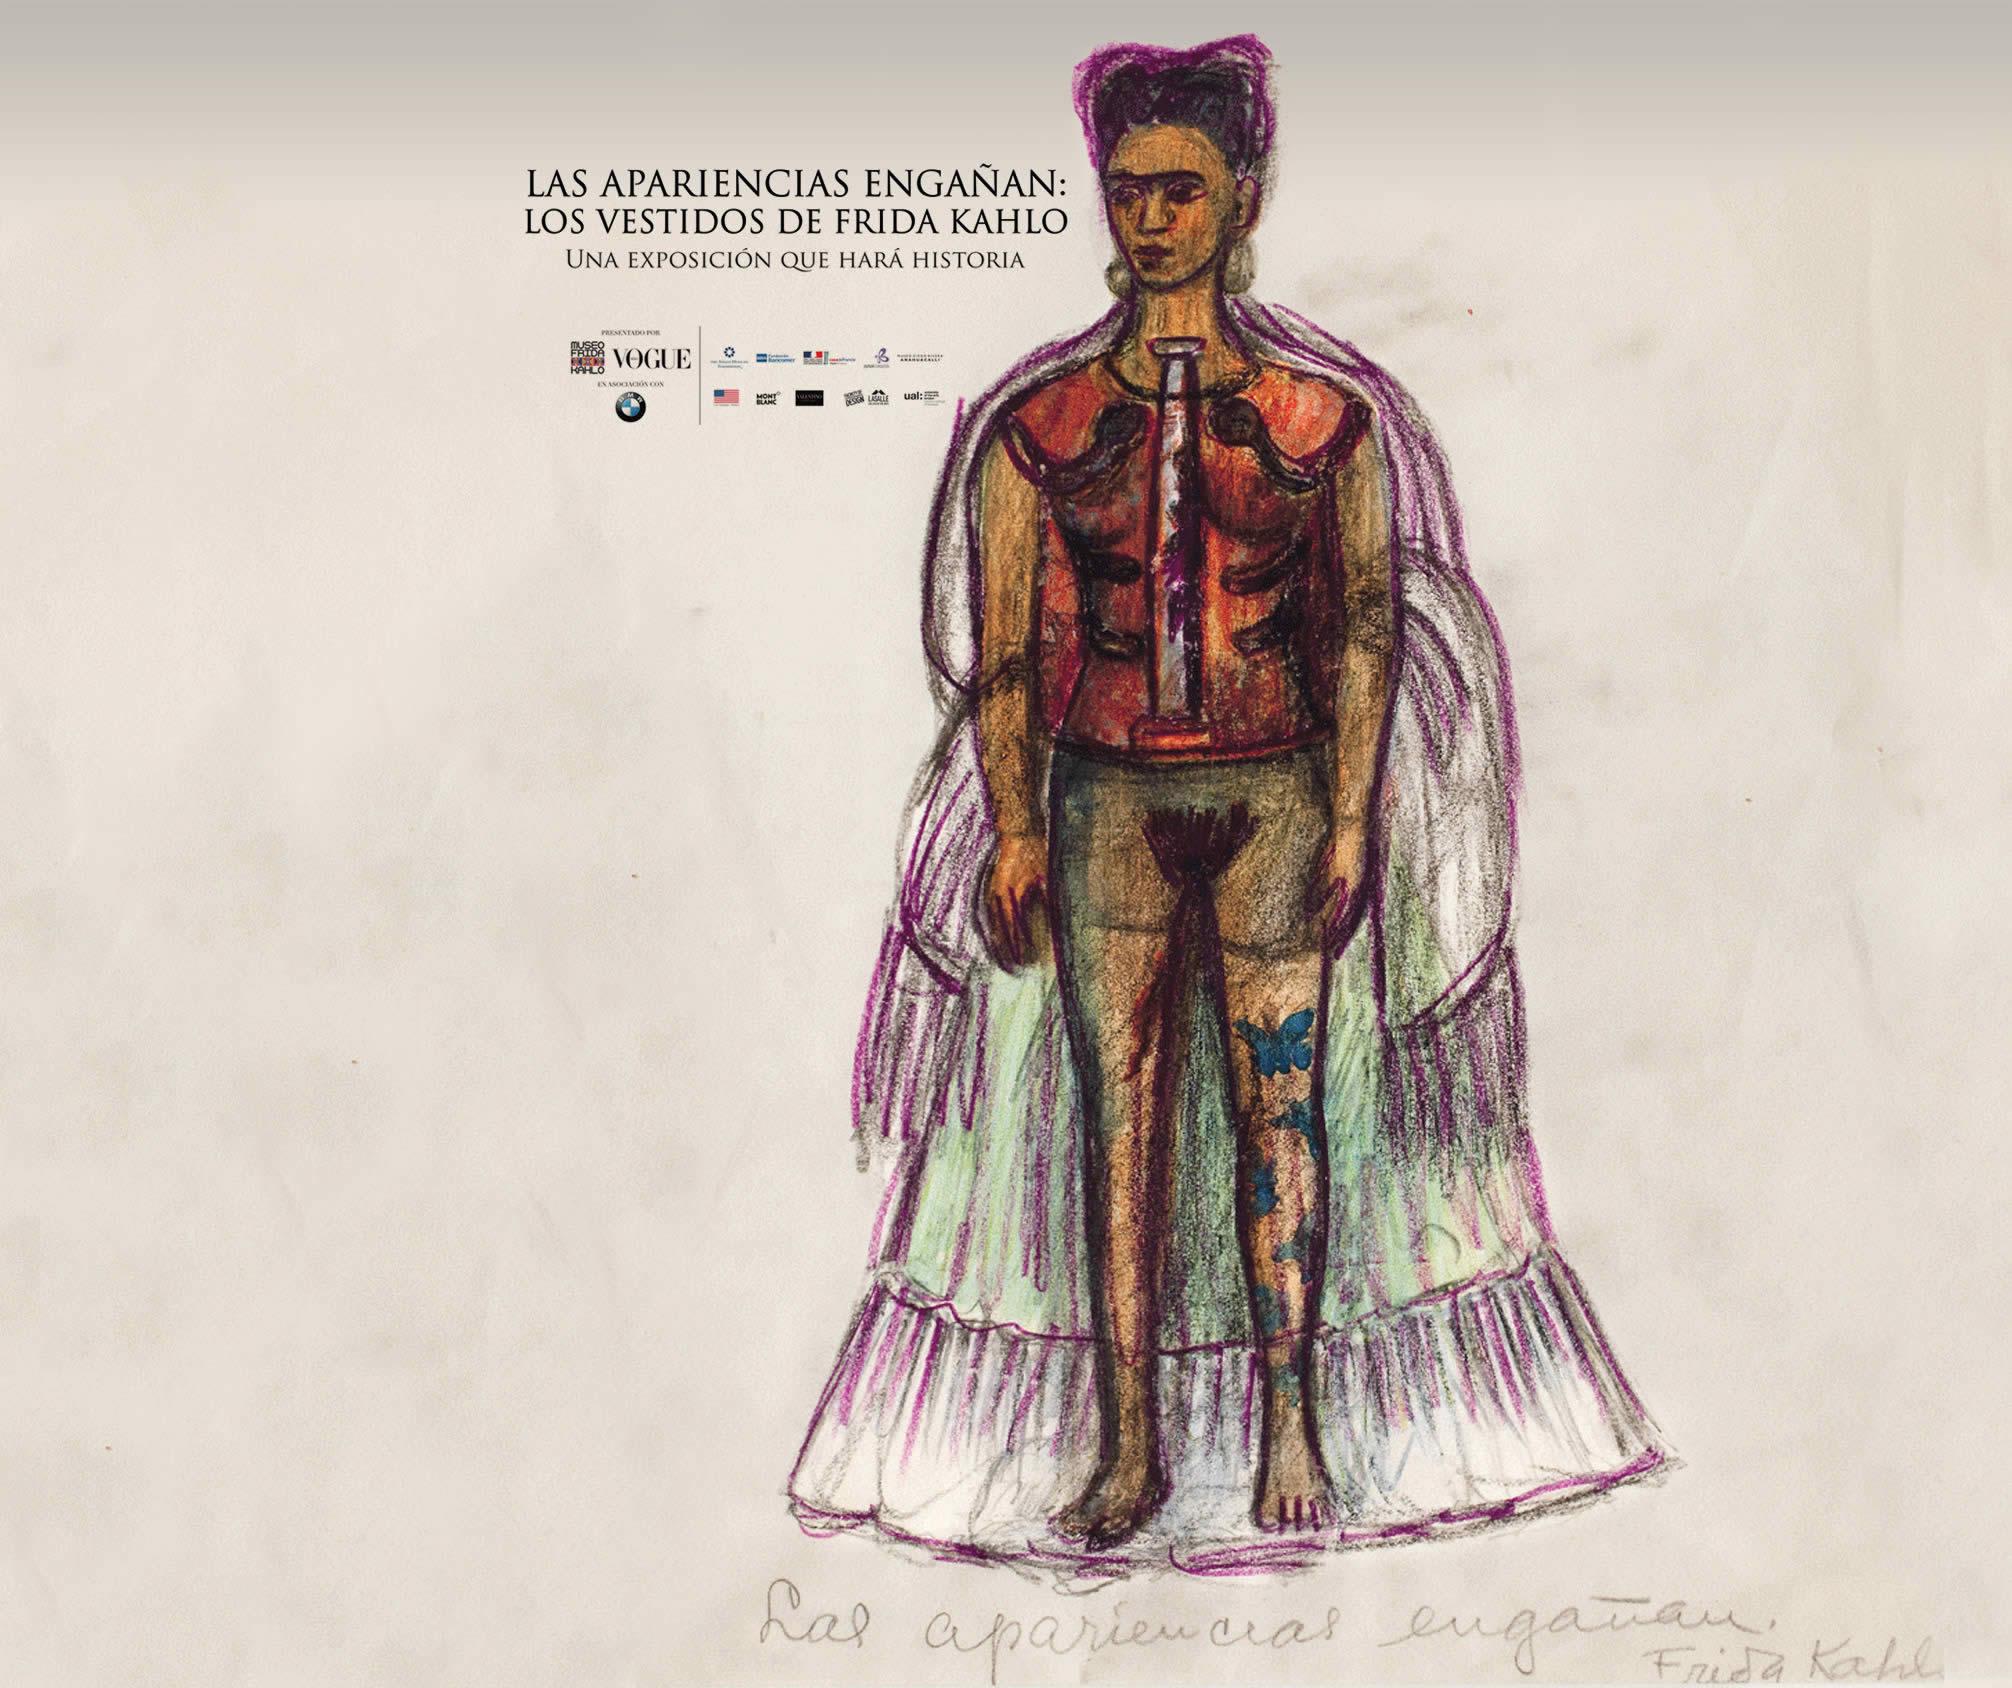 Las Apariencias Engañan Los Vestidos De Frida Kahlo